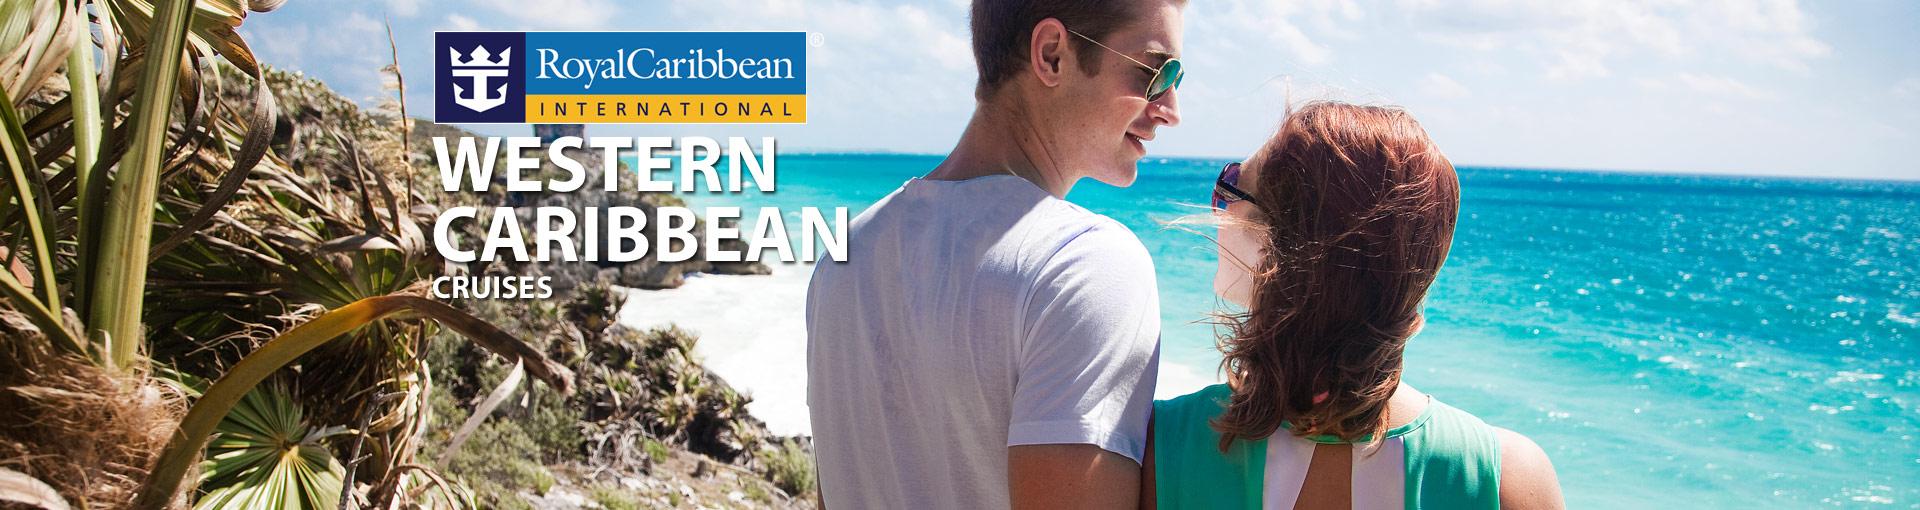 Royal Caribbean Western Caribbean Cruises